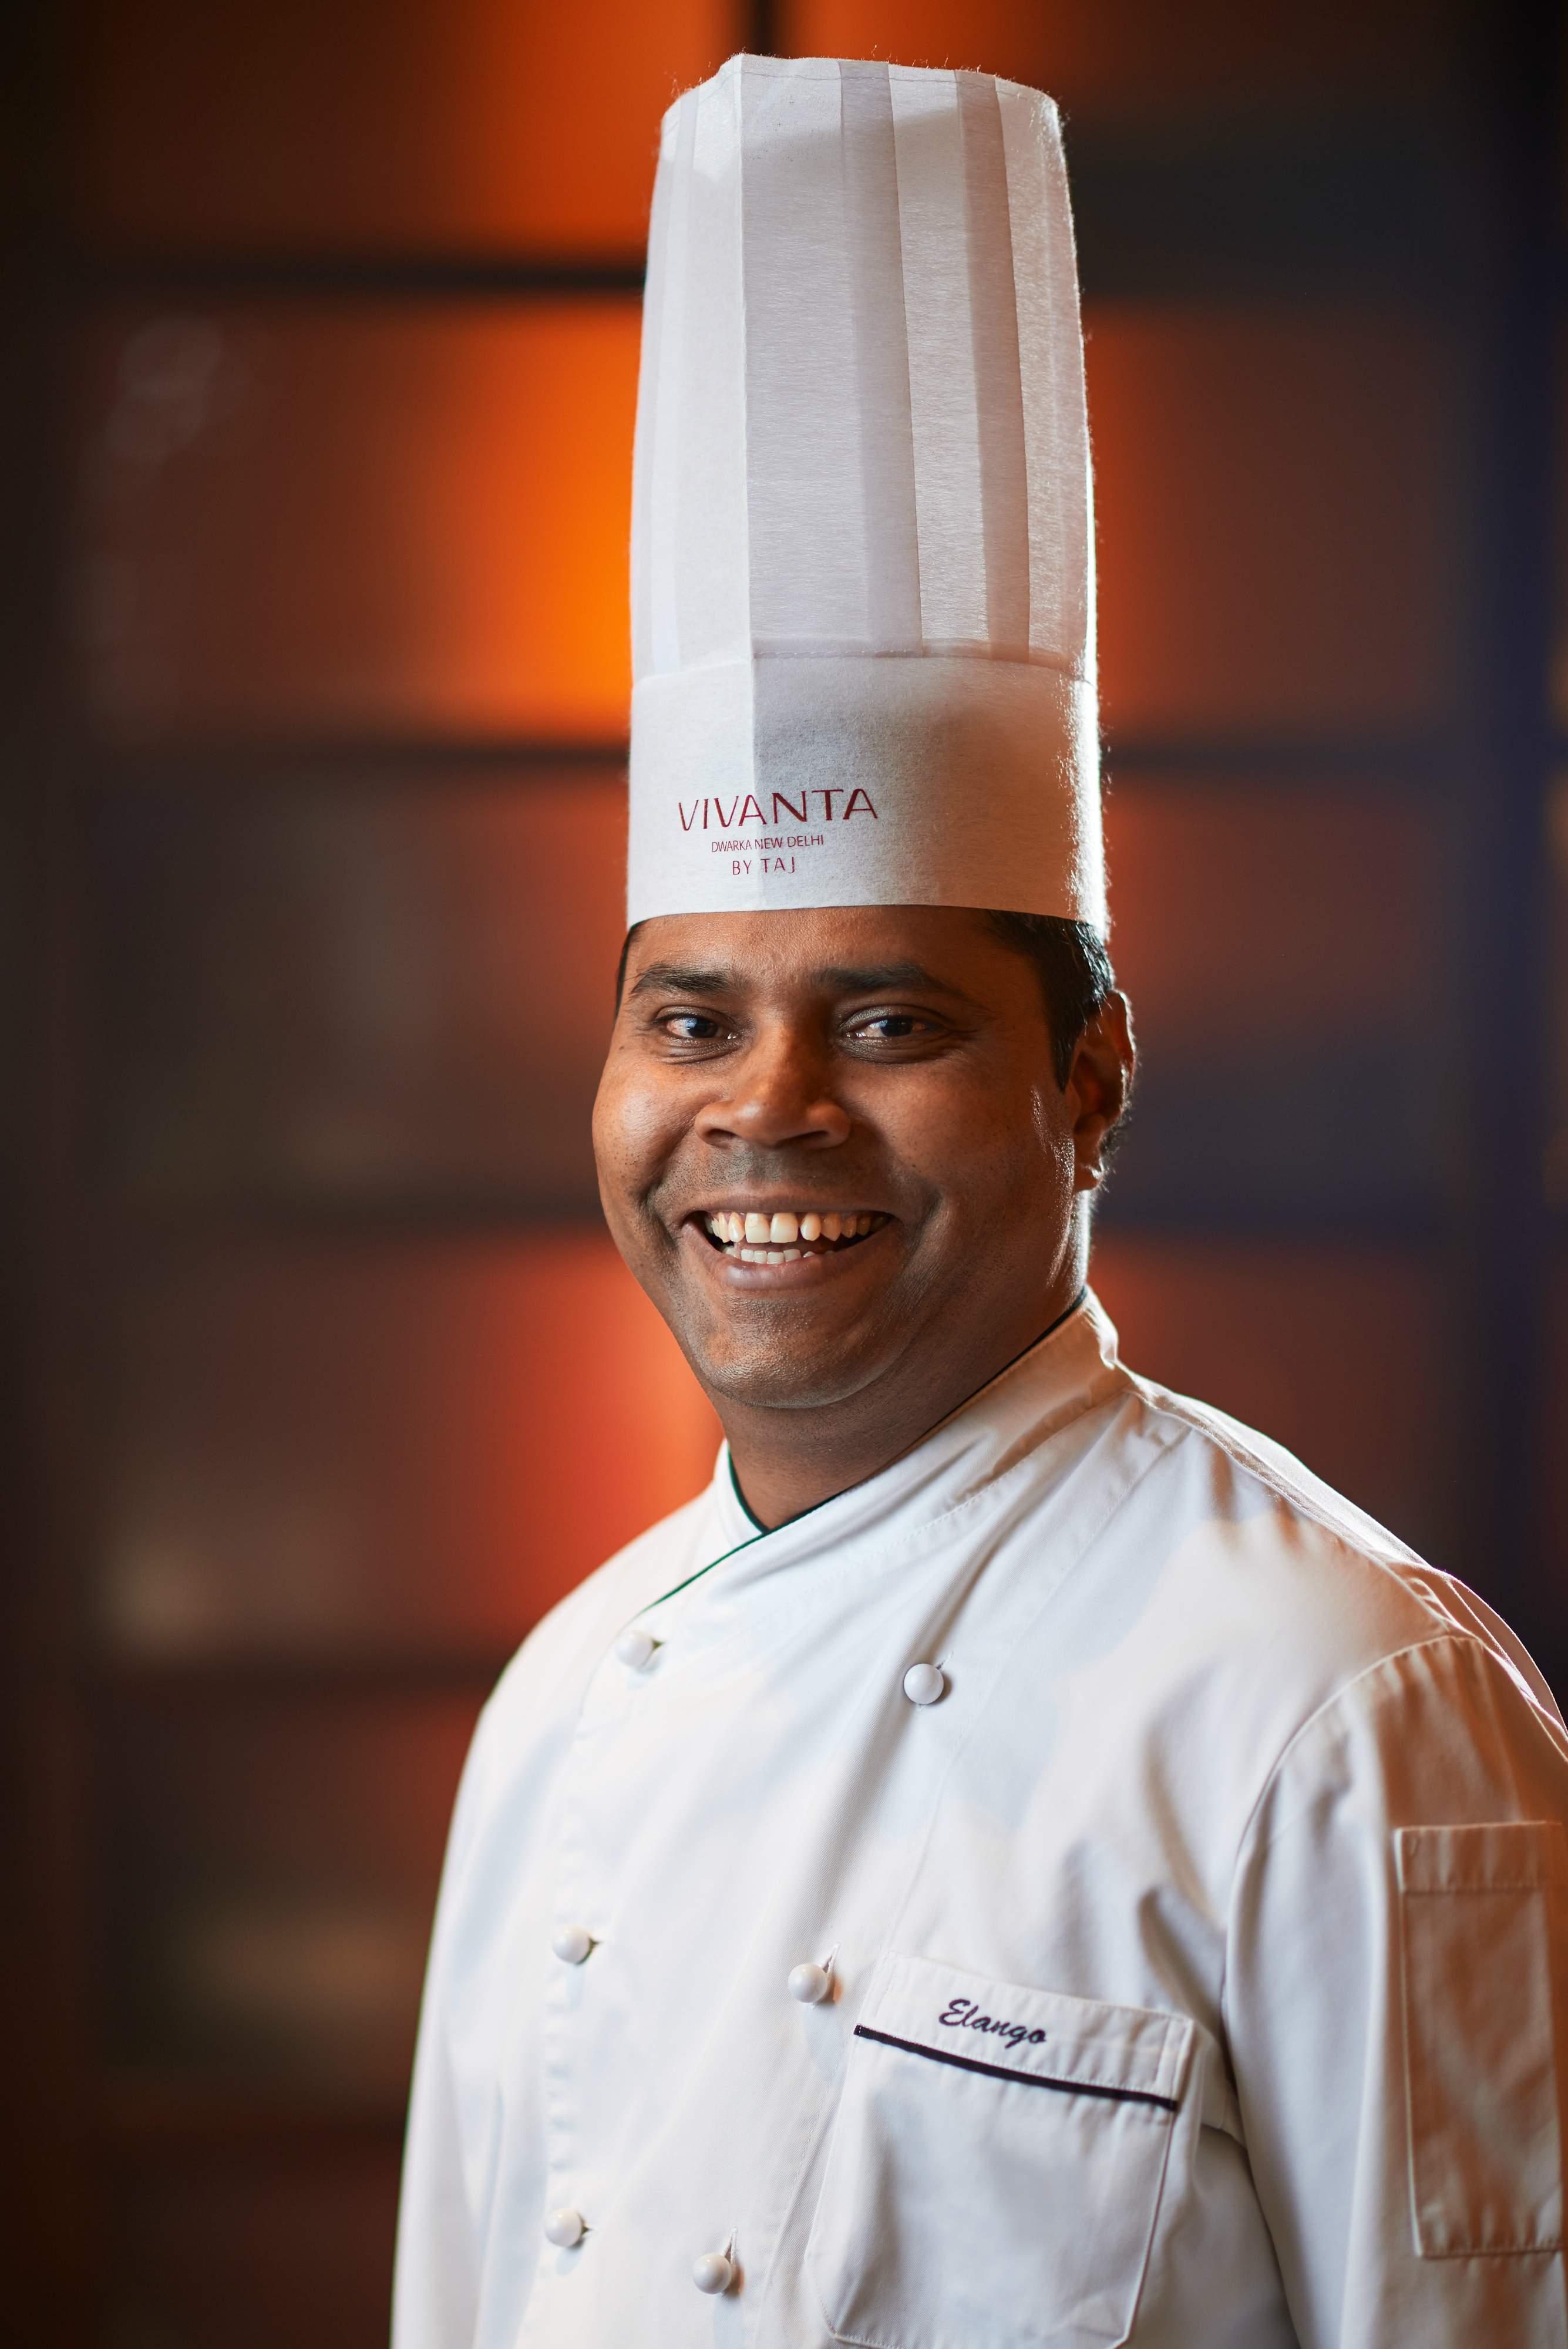 Chef Elango Shanmugam